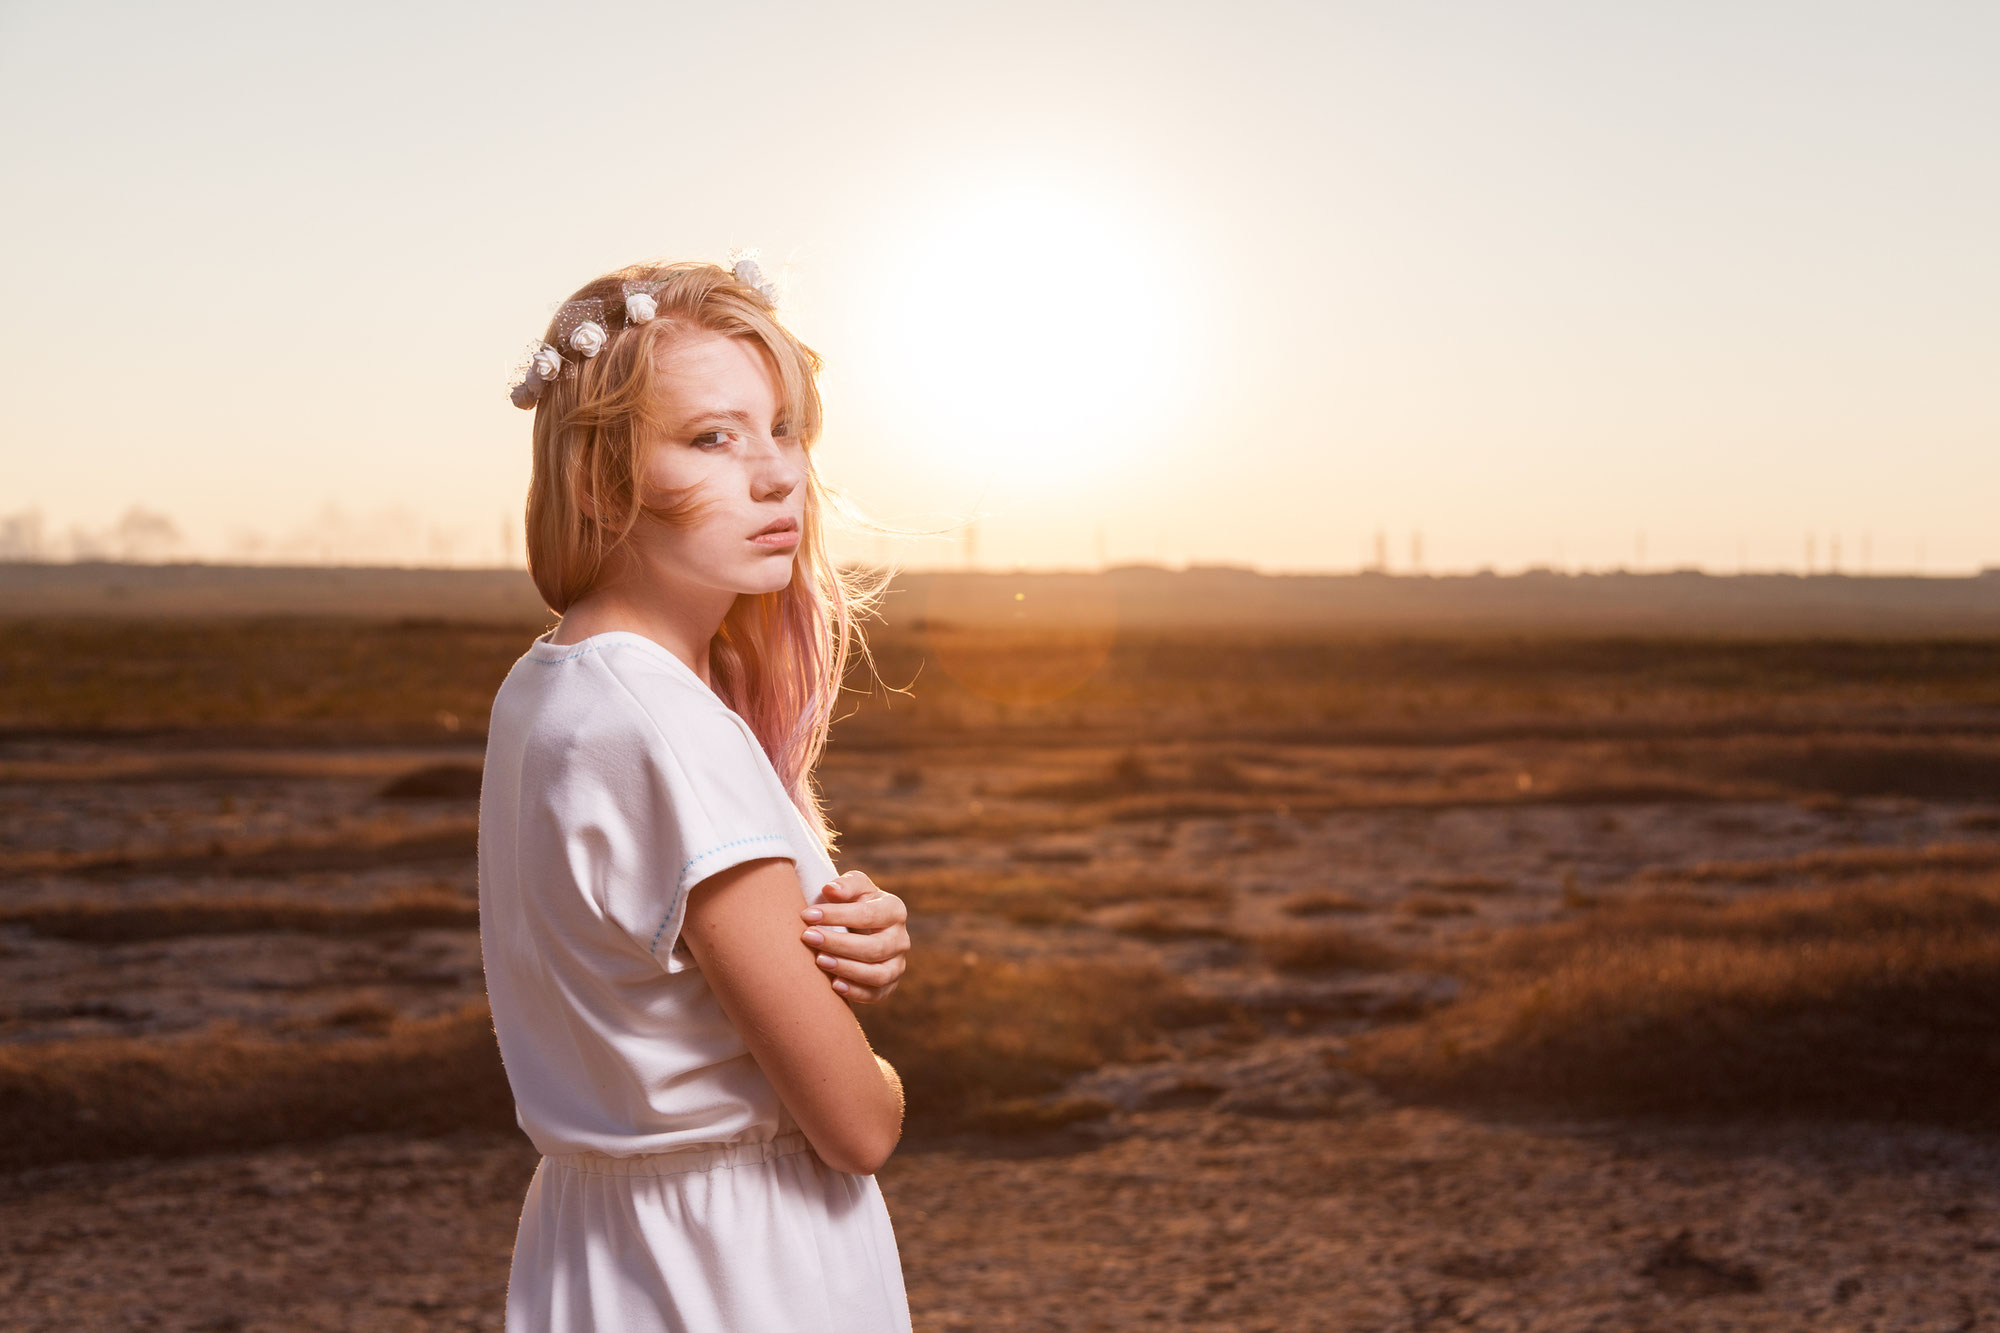 Ze is heel gevoelig: de 5 stappen van creatie ♥ Abraham Hicks ♥ Lichtwerkers Nederland